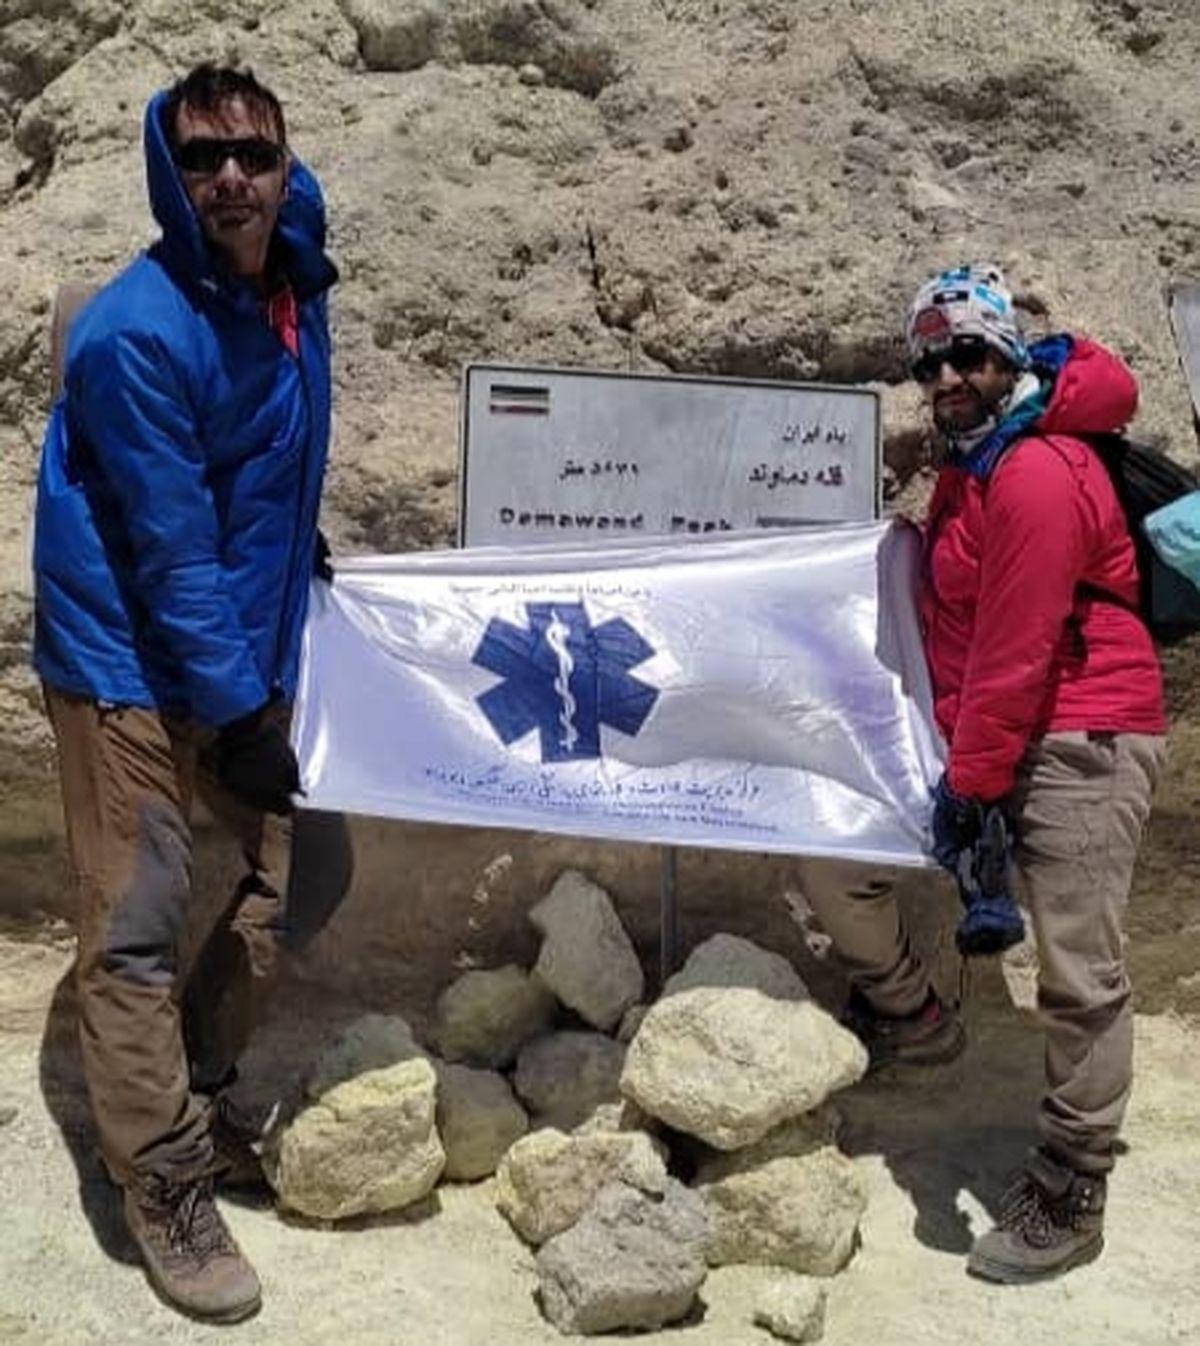 صعود کوهنوردان اورژانس ۱۱۵ کهگیلویه و بویراحمد به قله دماوند